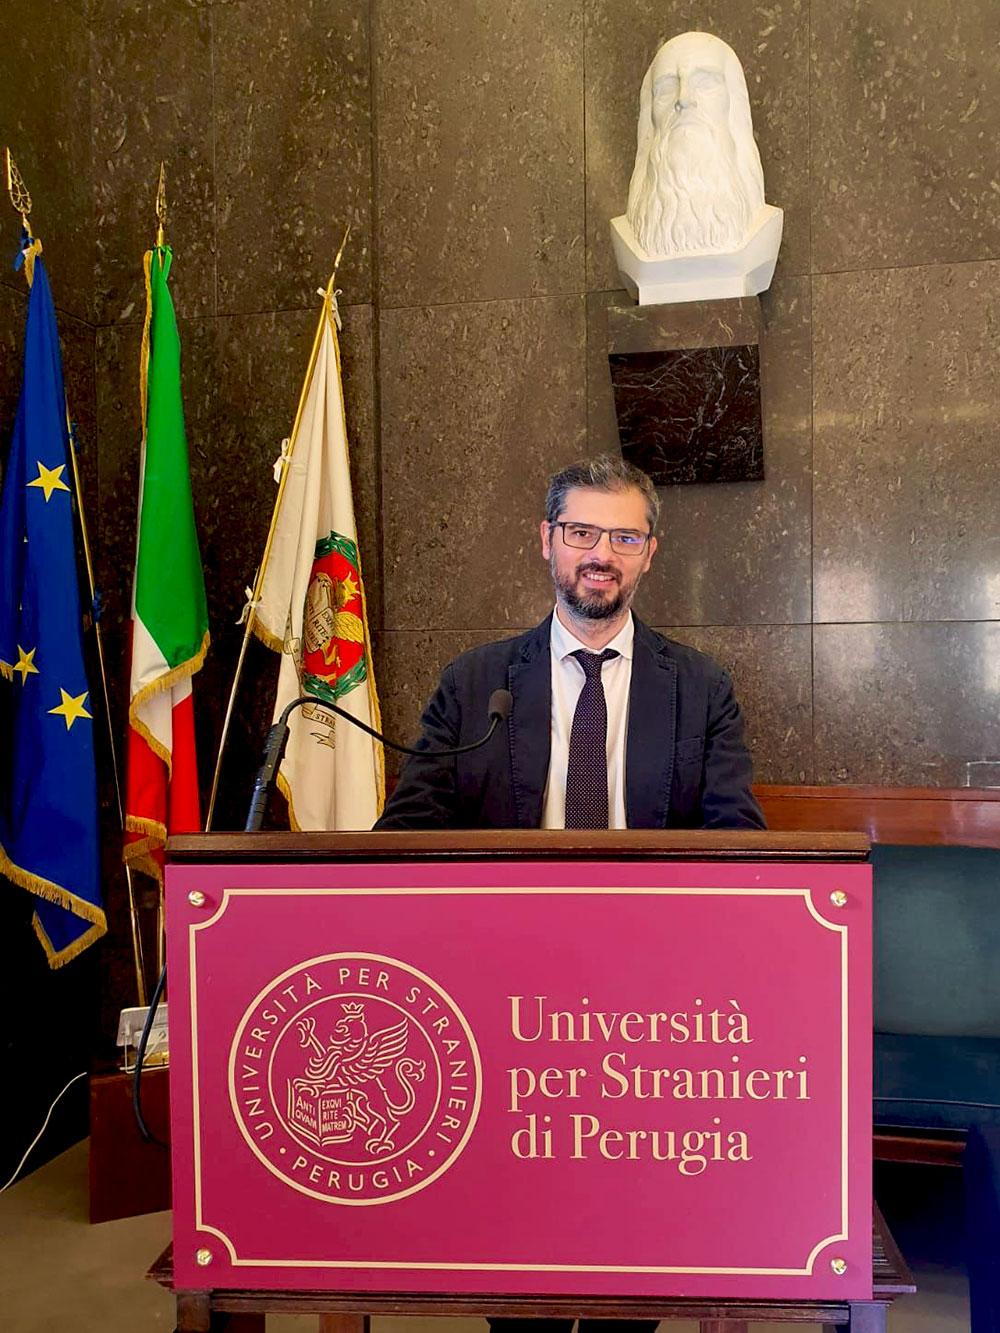 Immagine del Rettore, prof. Valerio De Cesaris